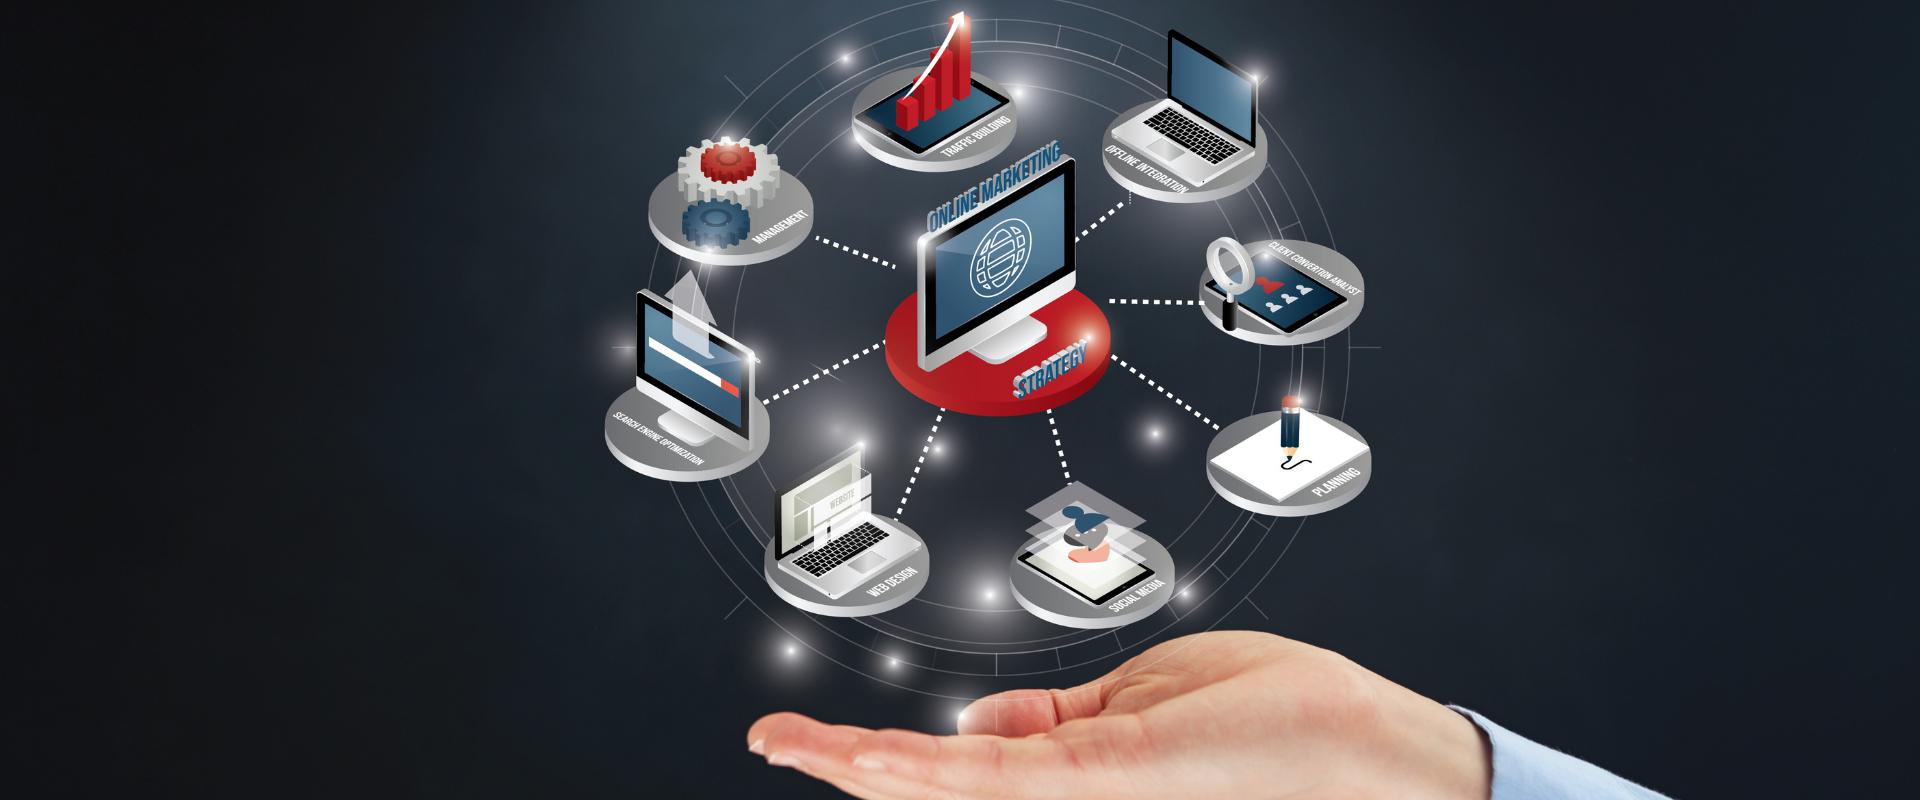 Integrazione Marketing Software